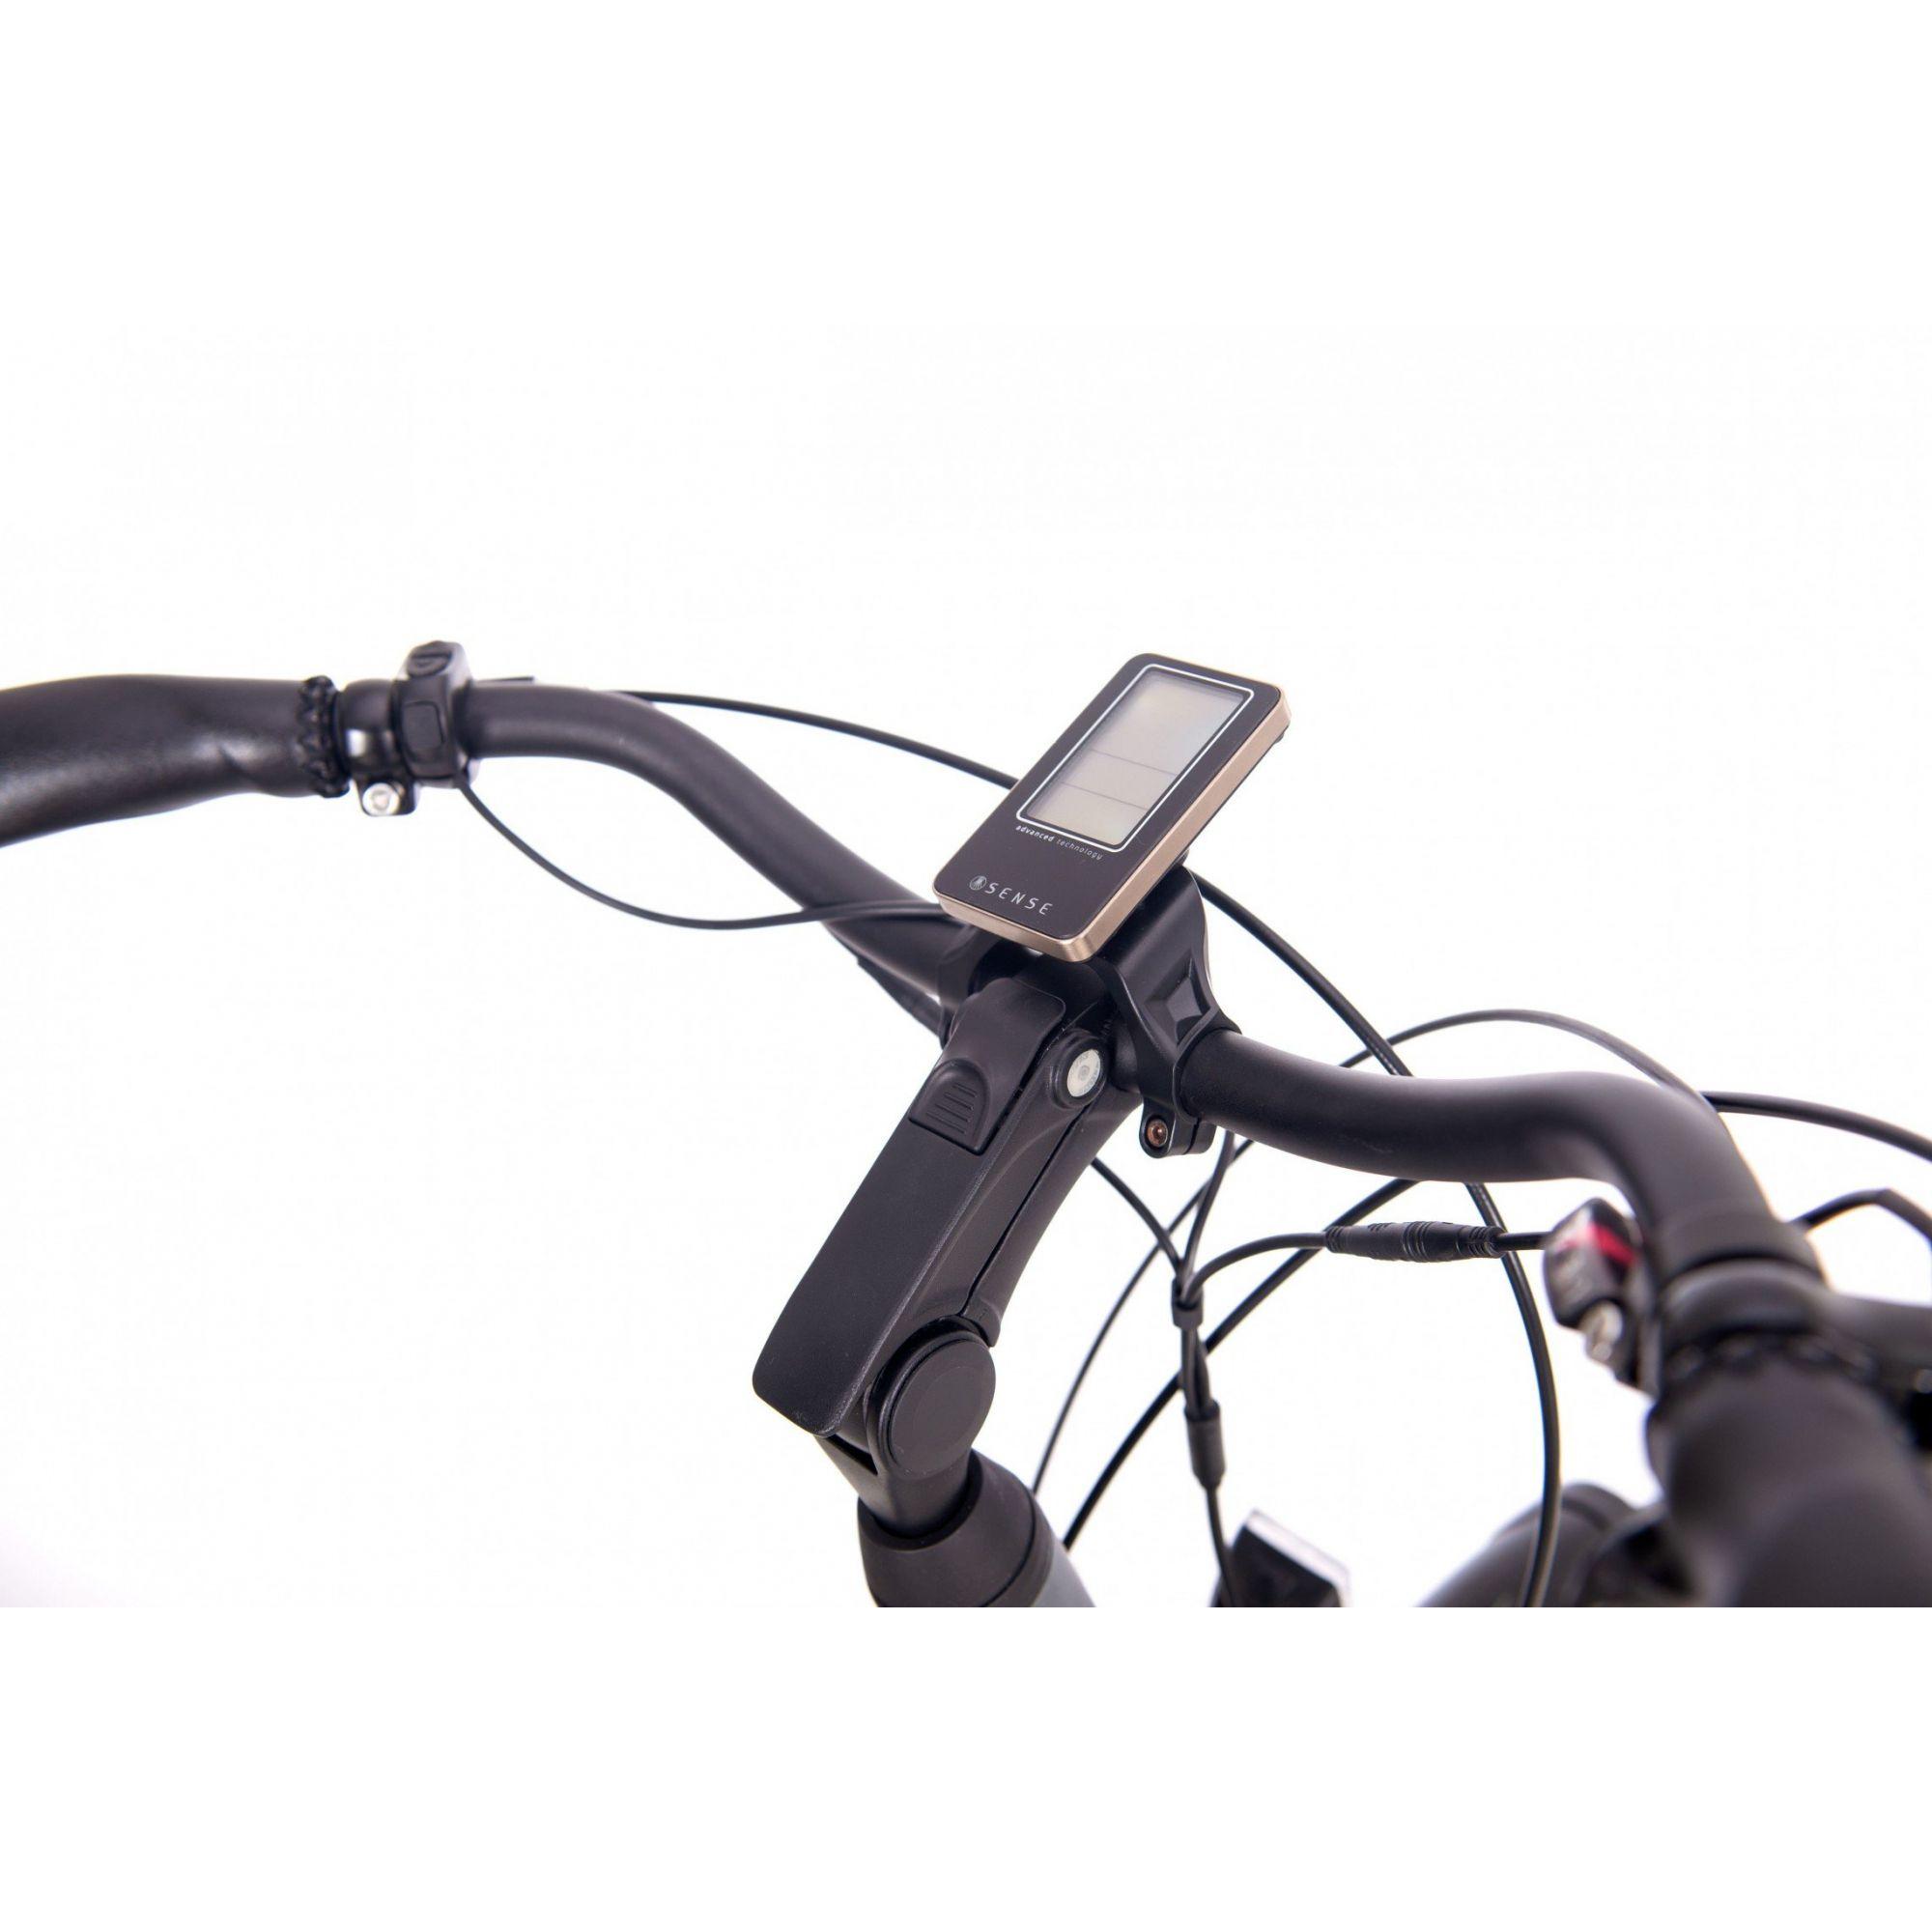 Bicicleta Elétrica Sense Breeze E-Urban 2020